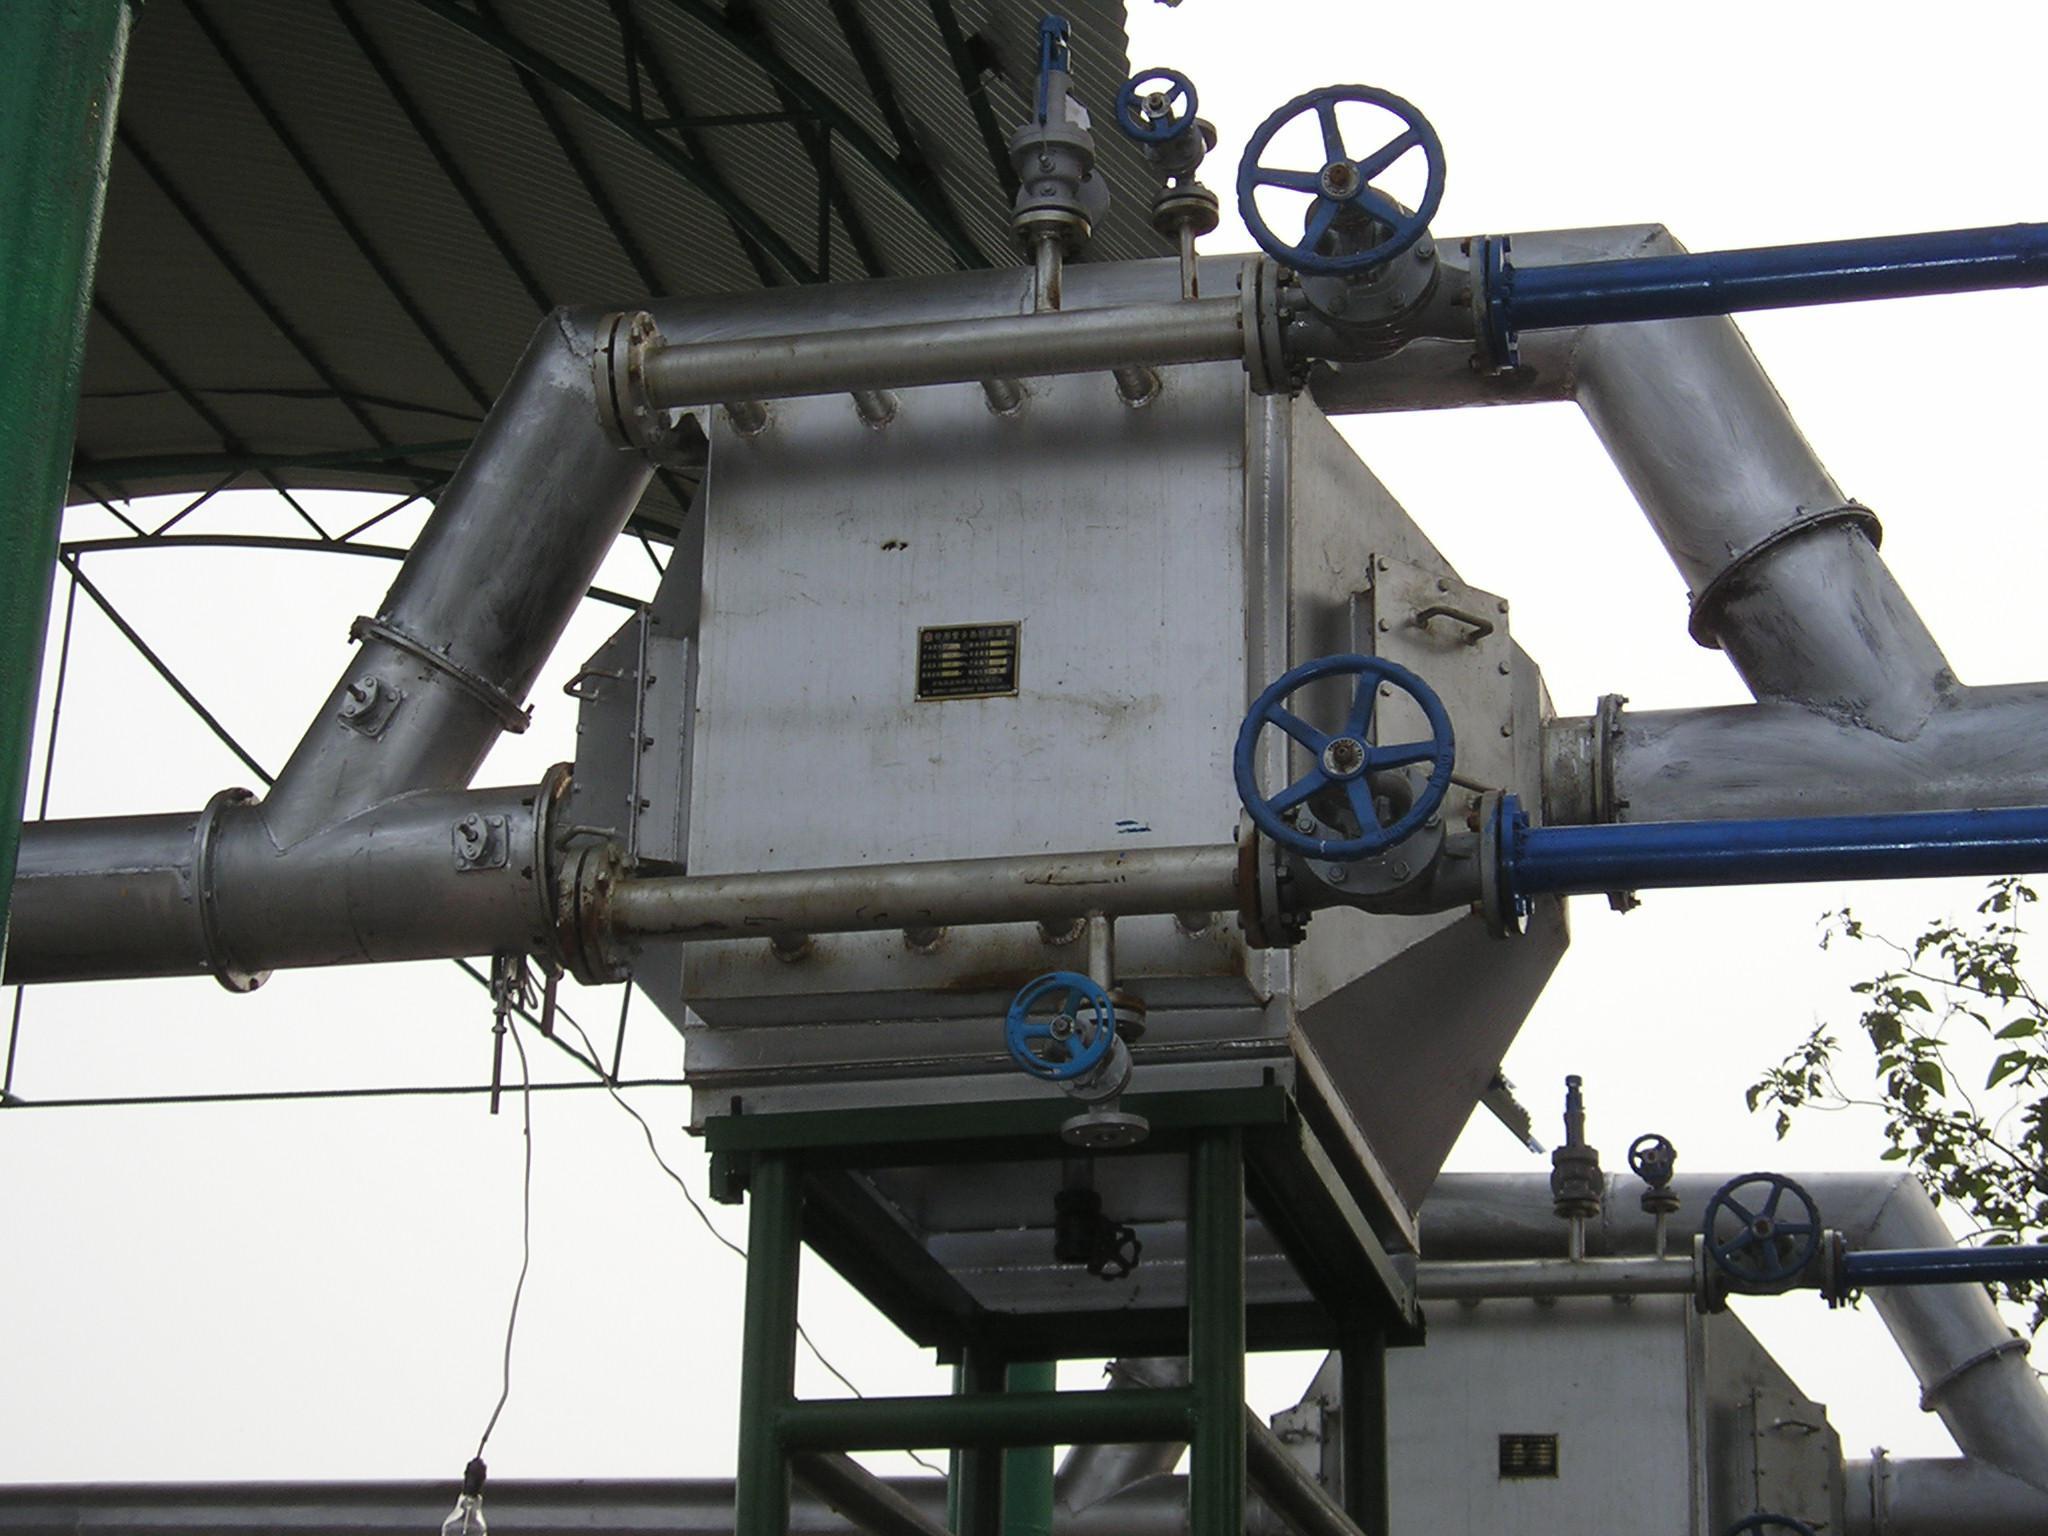 凯能锅炉发电机组余热锅炉安装现场之一 高清图片